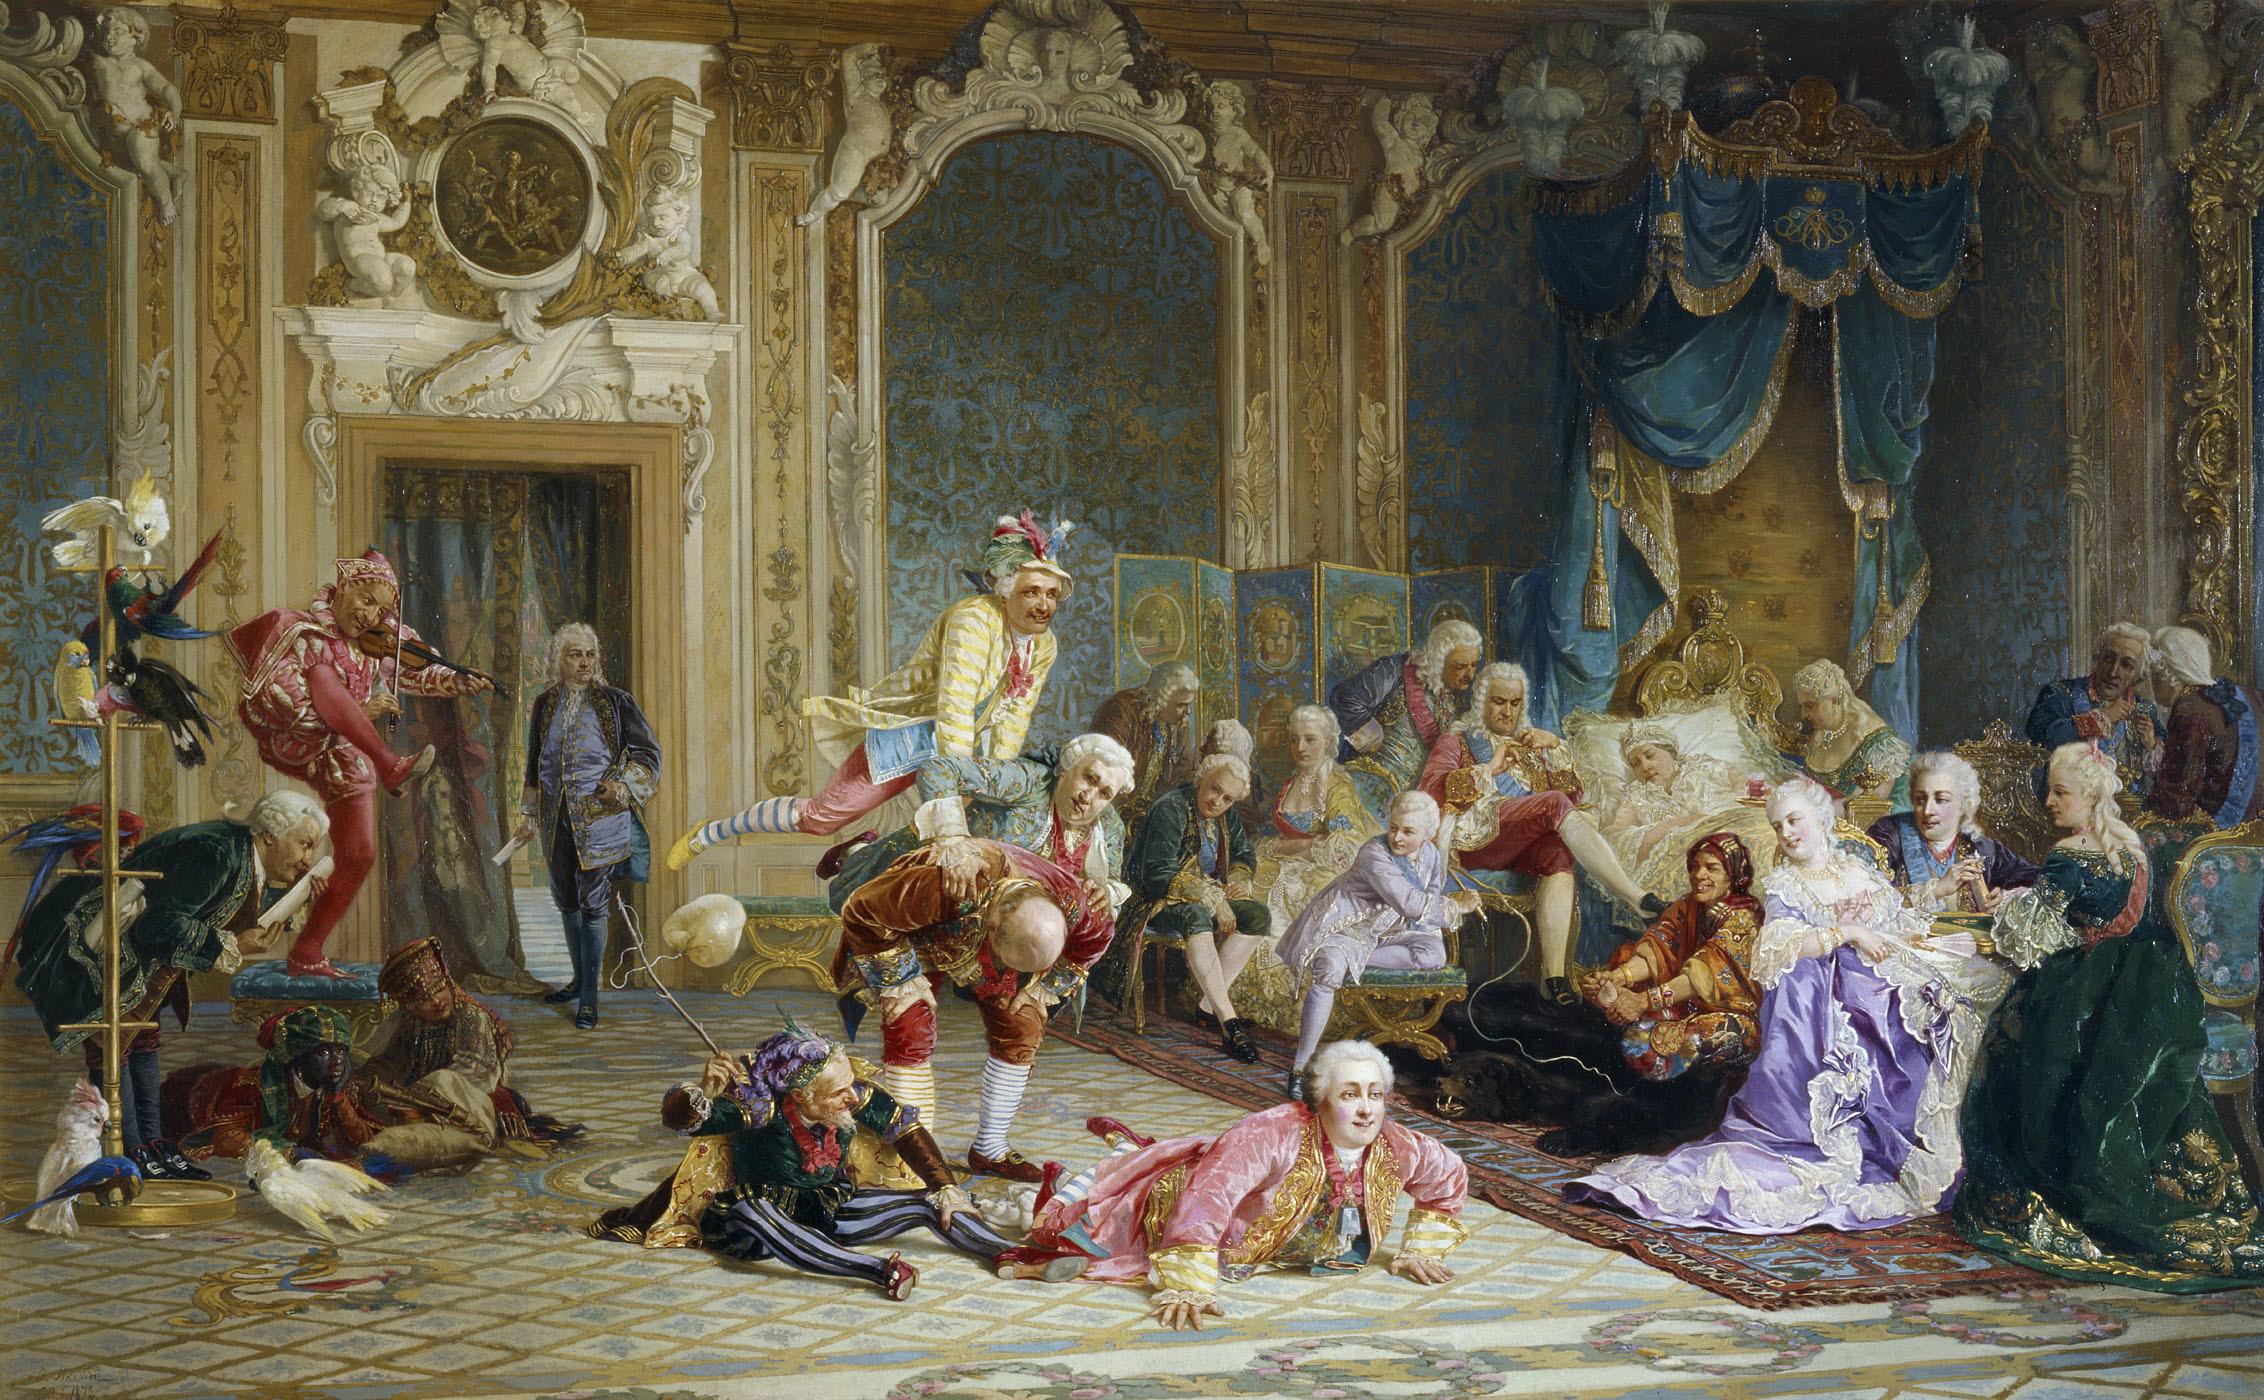 В. И. Якоби. Шуты при дворе императрицы Анны Иоанновны. 1872.